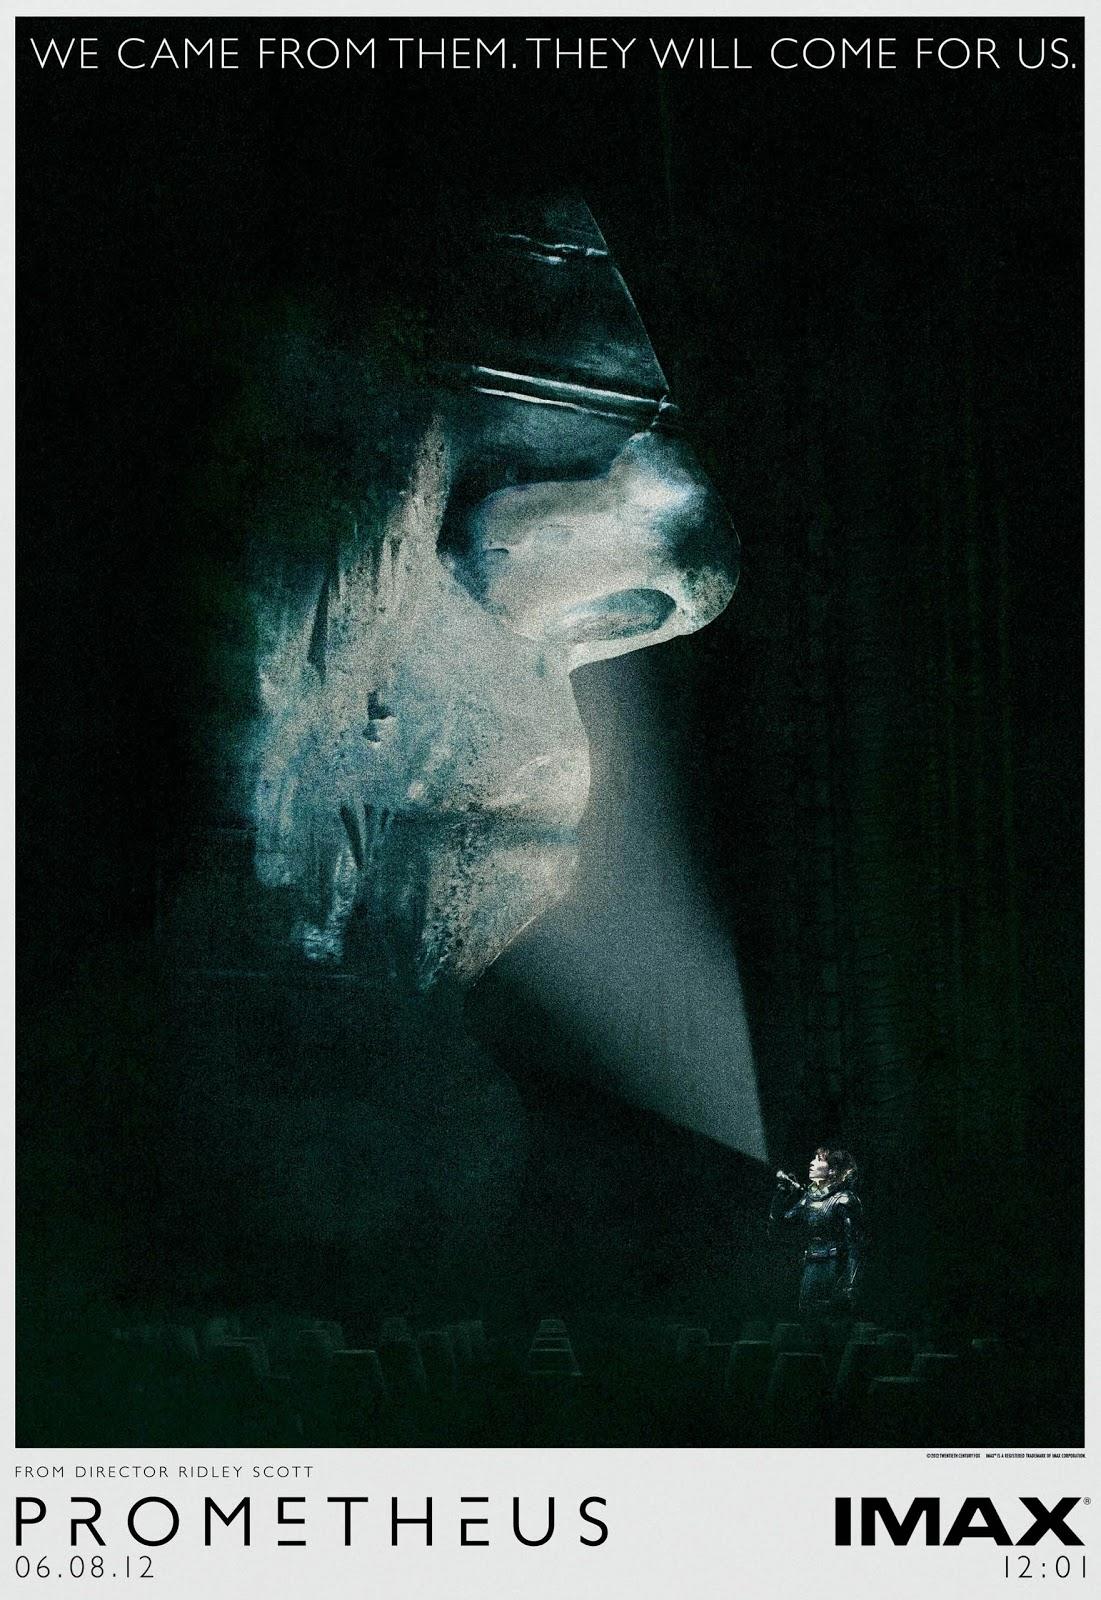 http://3.bp.blogspot.com/-mpE7M-Ye5YM/T94TQptt2iI/AAAAAAAAIGs/KUkGrvowOKU/s1600/prometheus-imax-poster622012.jpg